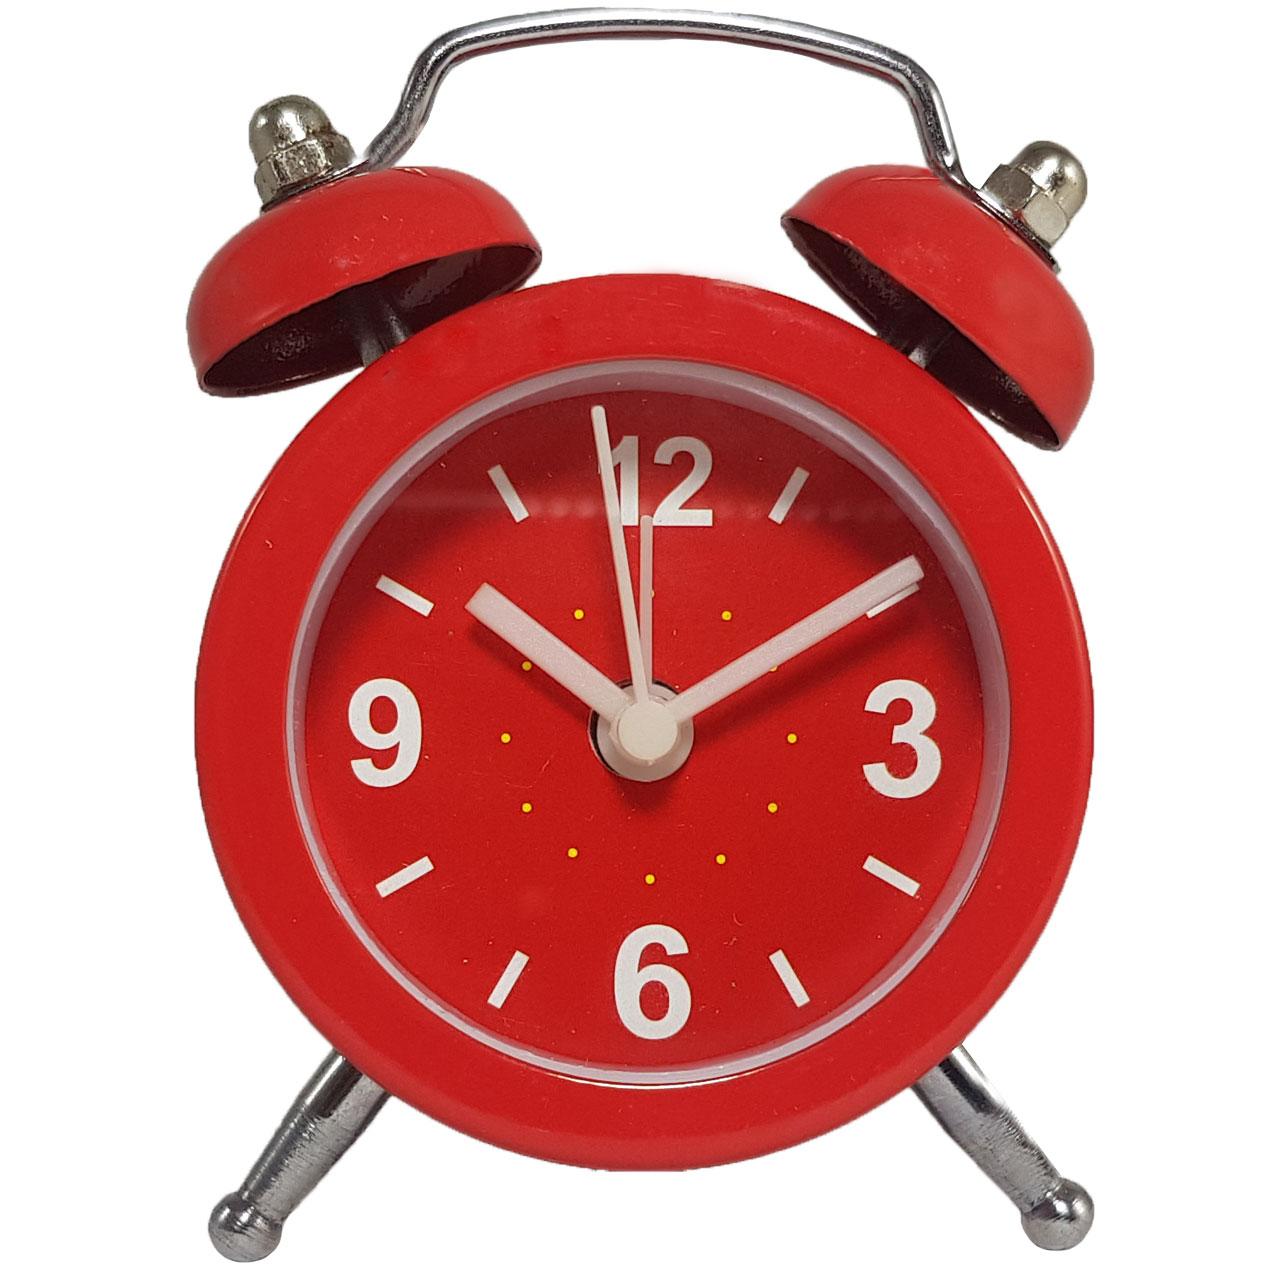 ساعت رومیزی کوارتز مدل Clock